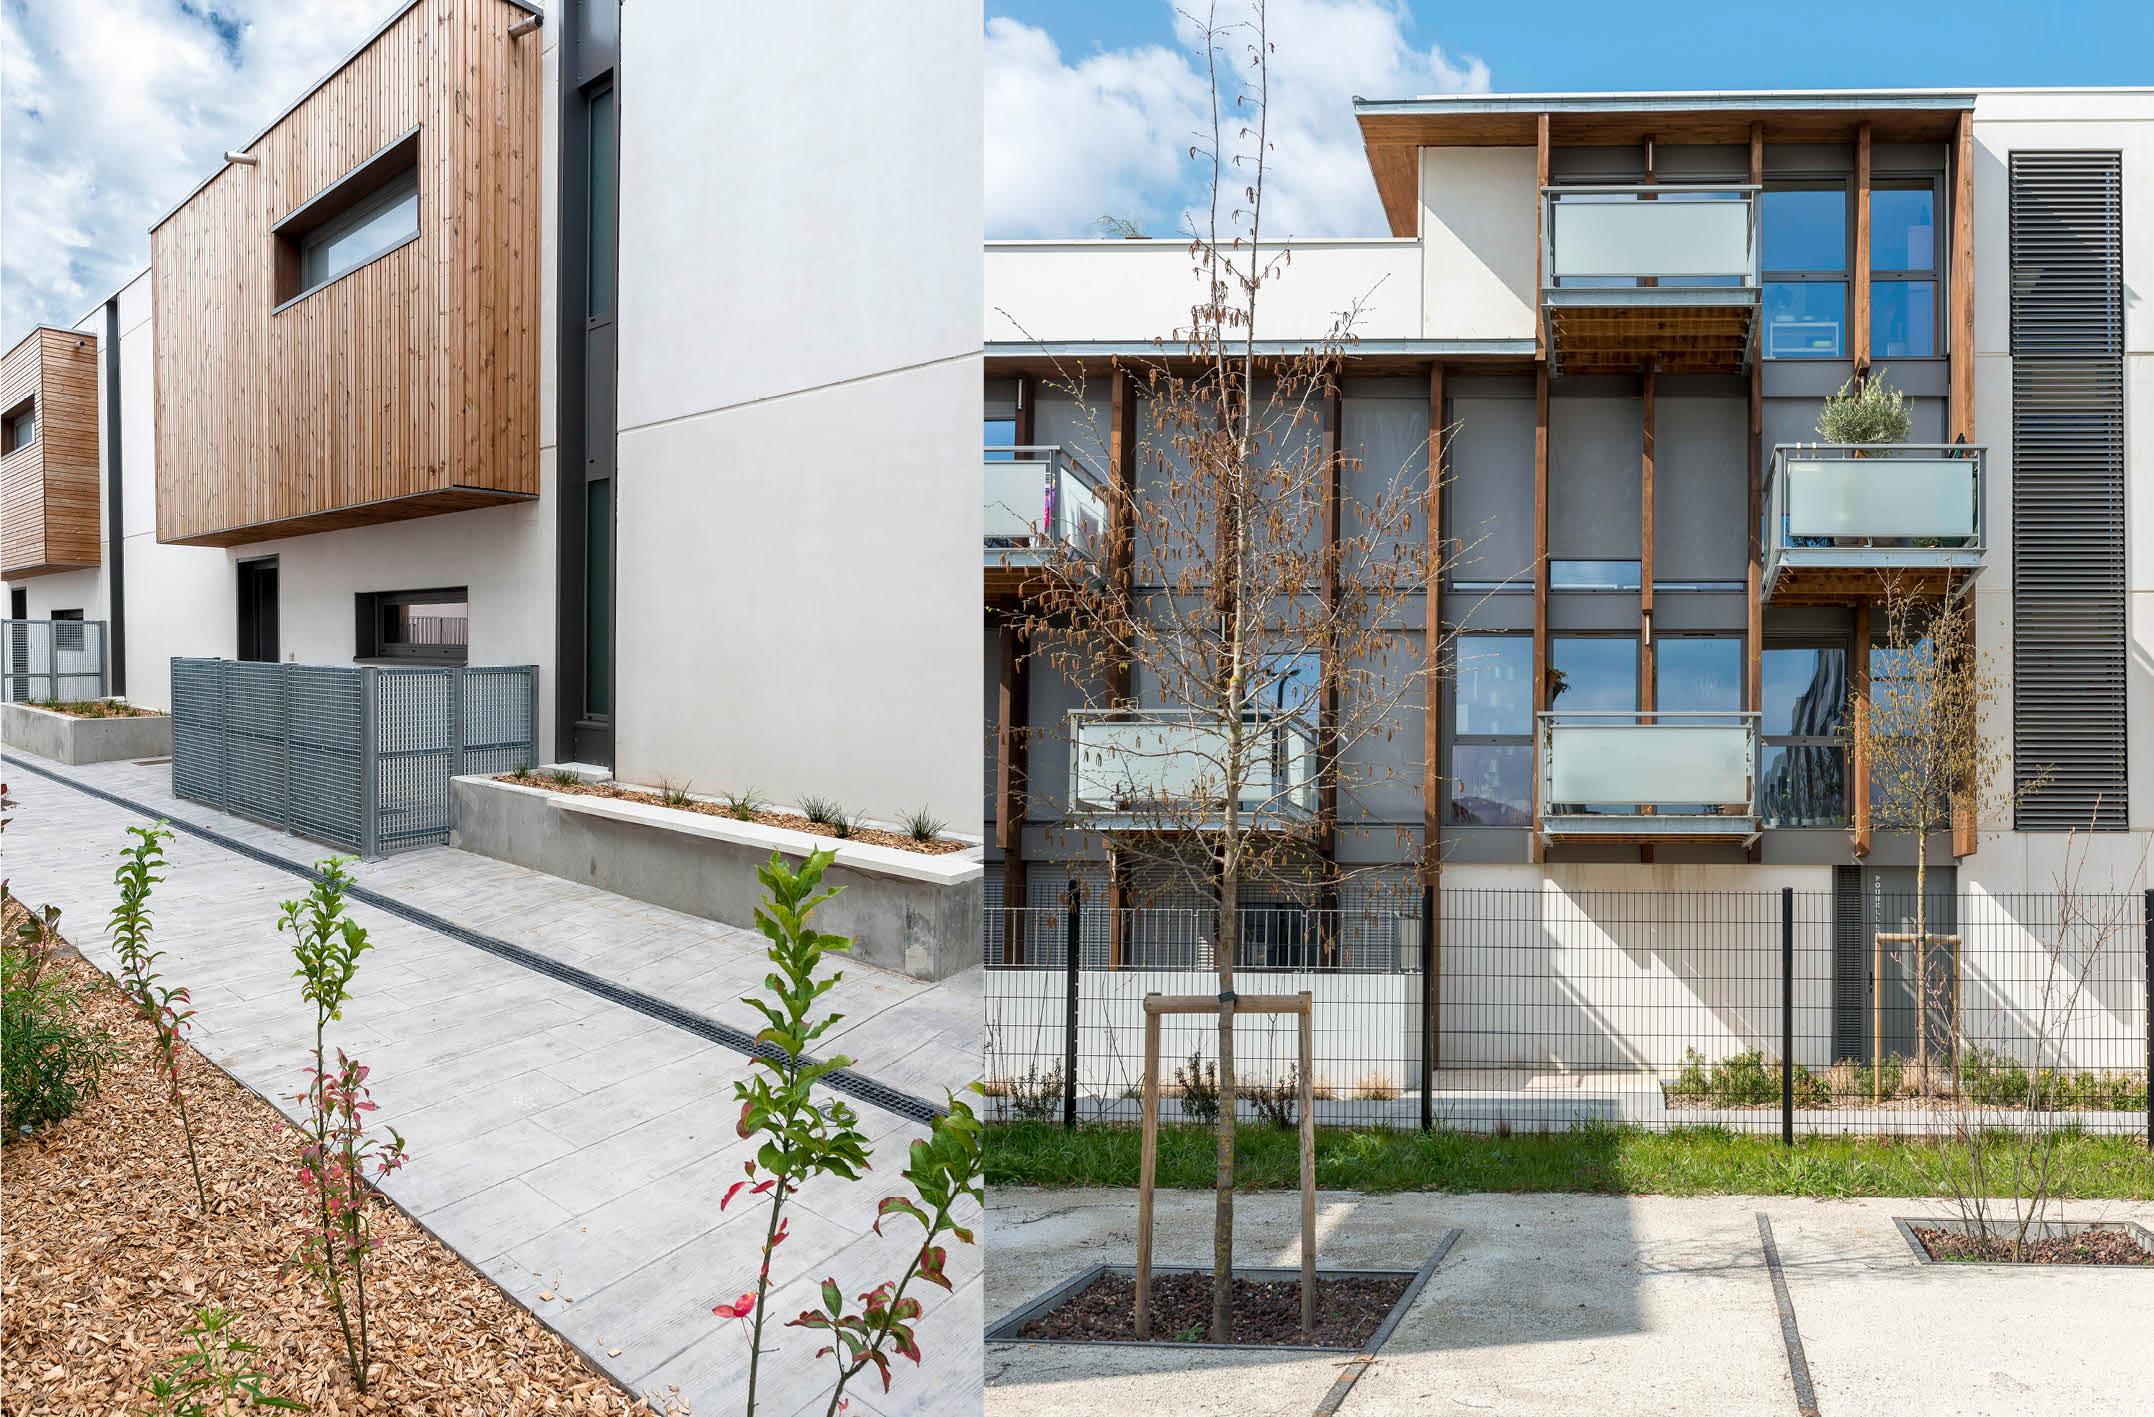 19-Seuil-Architecture-Soupetard-logement-crédit-Ph.-Stéphane-Brugidou